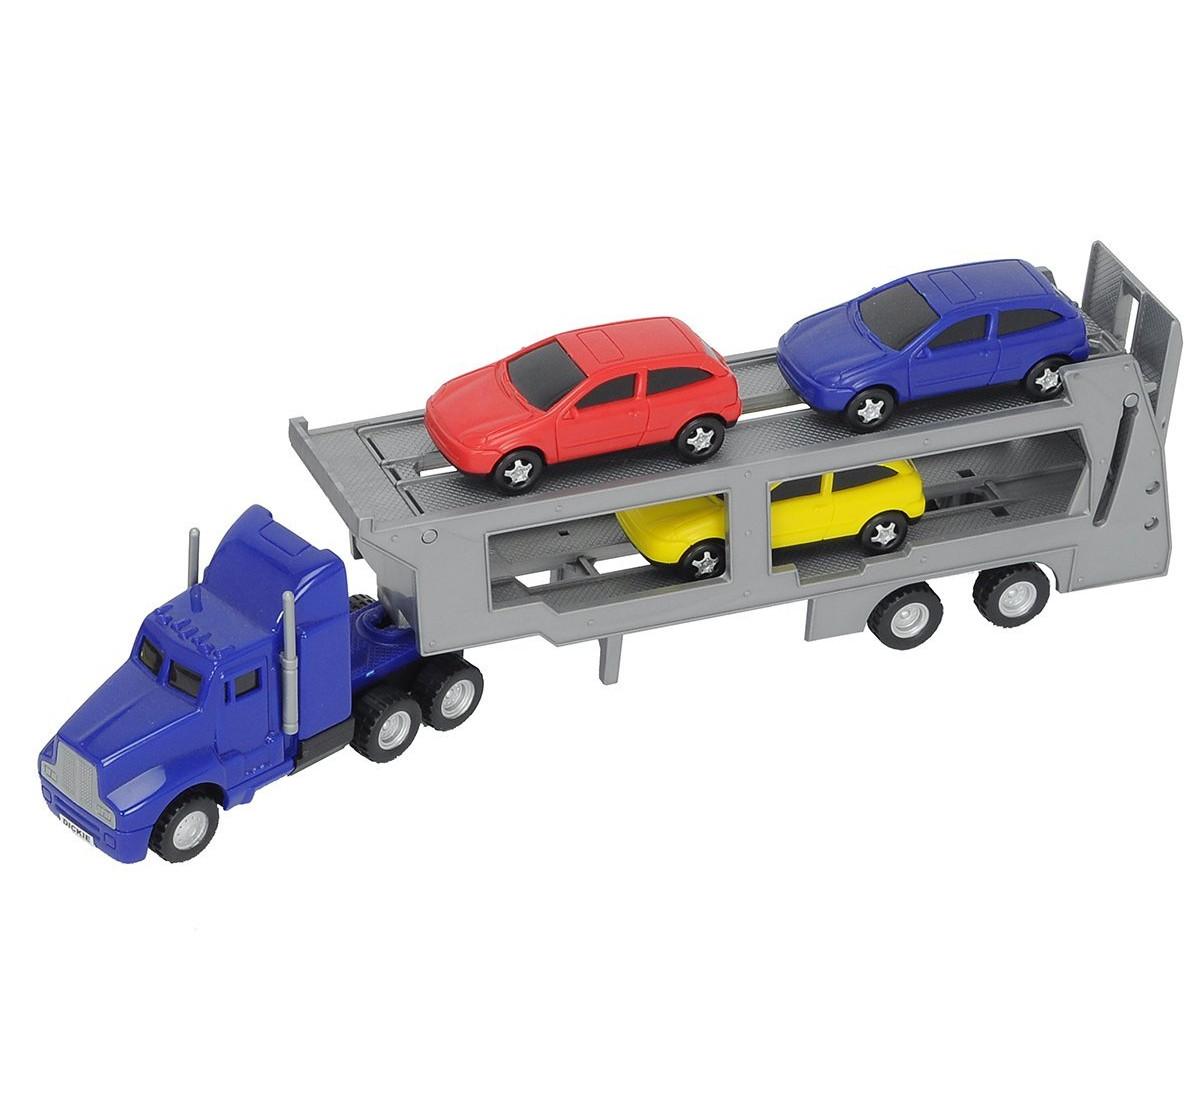 Игрушечный трейлер с 3 машинками, синий